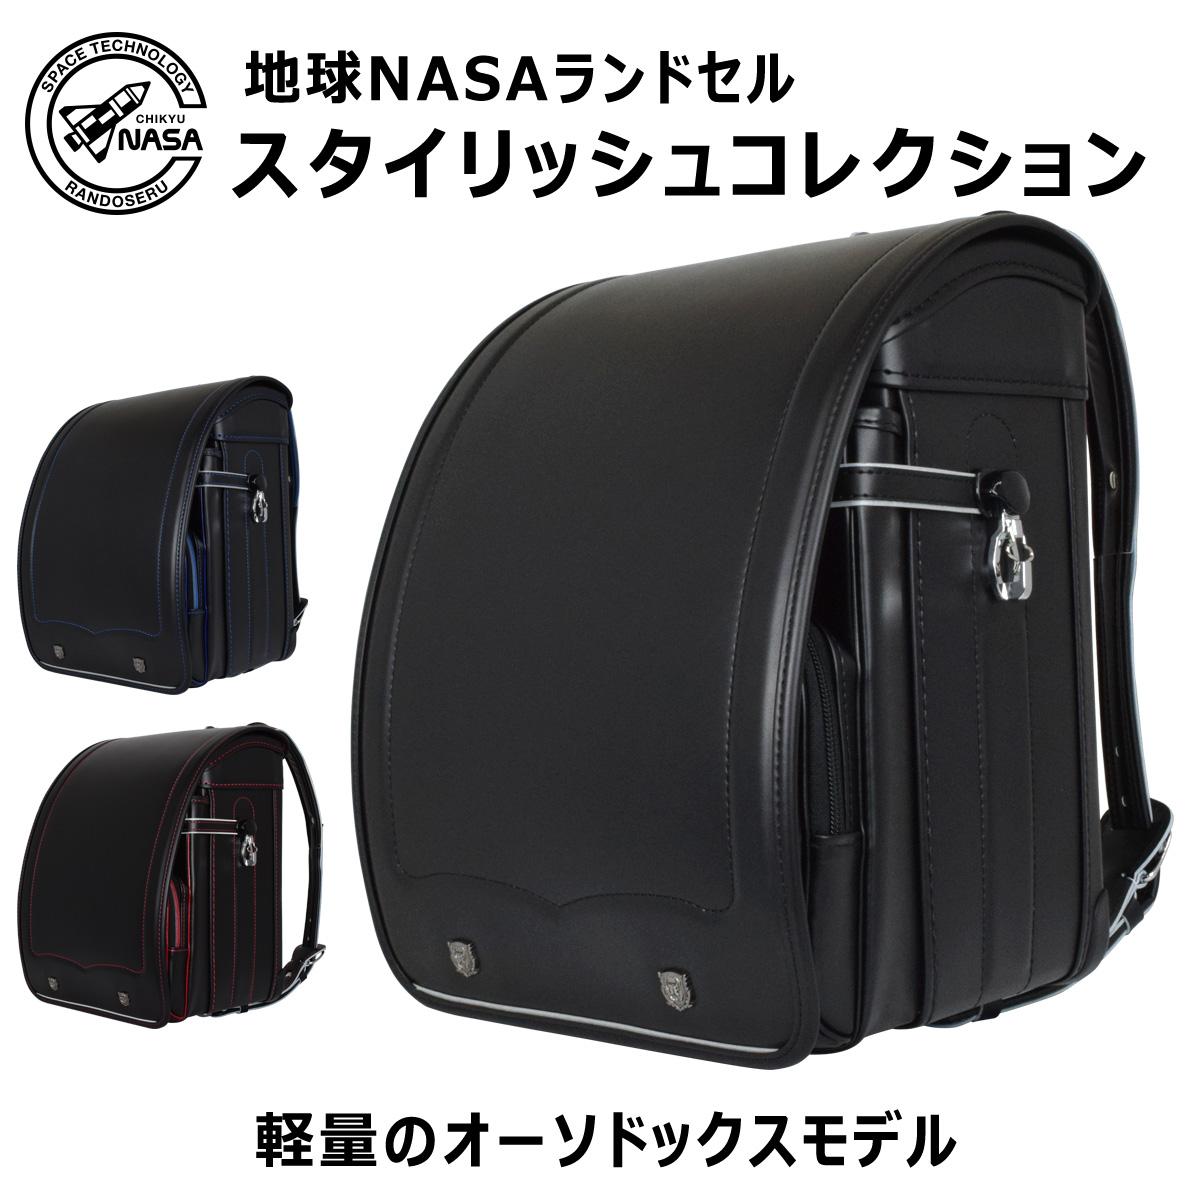 地球NASAランドセル stylish collection(スタイリッシュコレクション)【池田地球】【軽量】【男の子】【ご入学】【おしゃれ】【地球NASA】